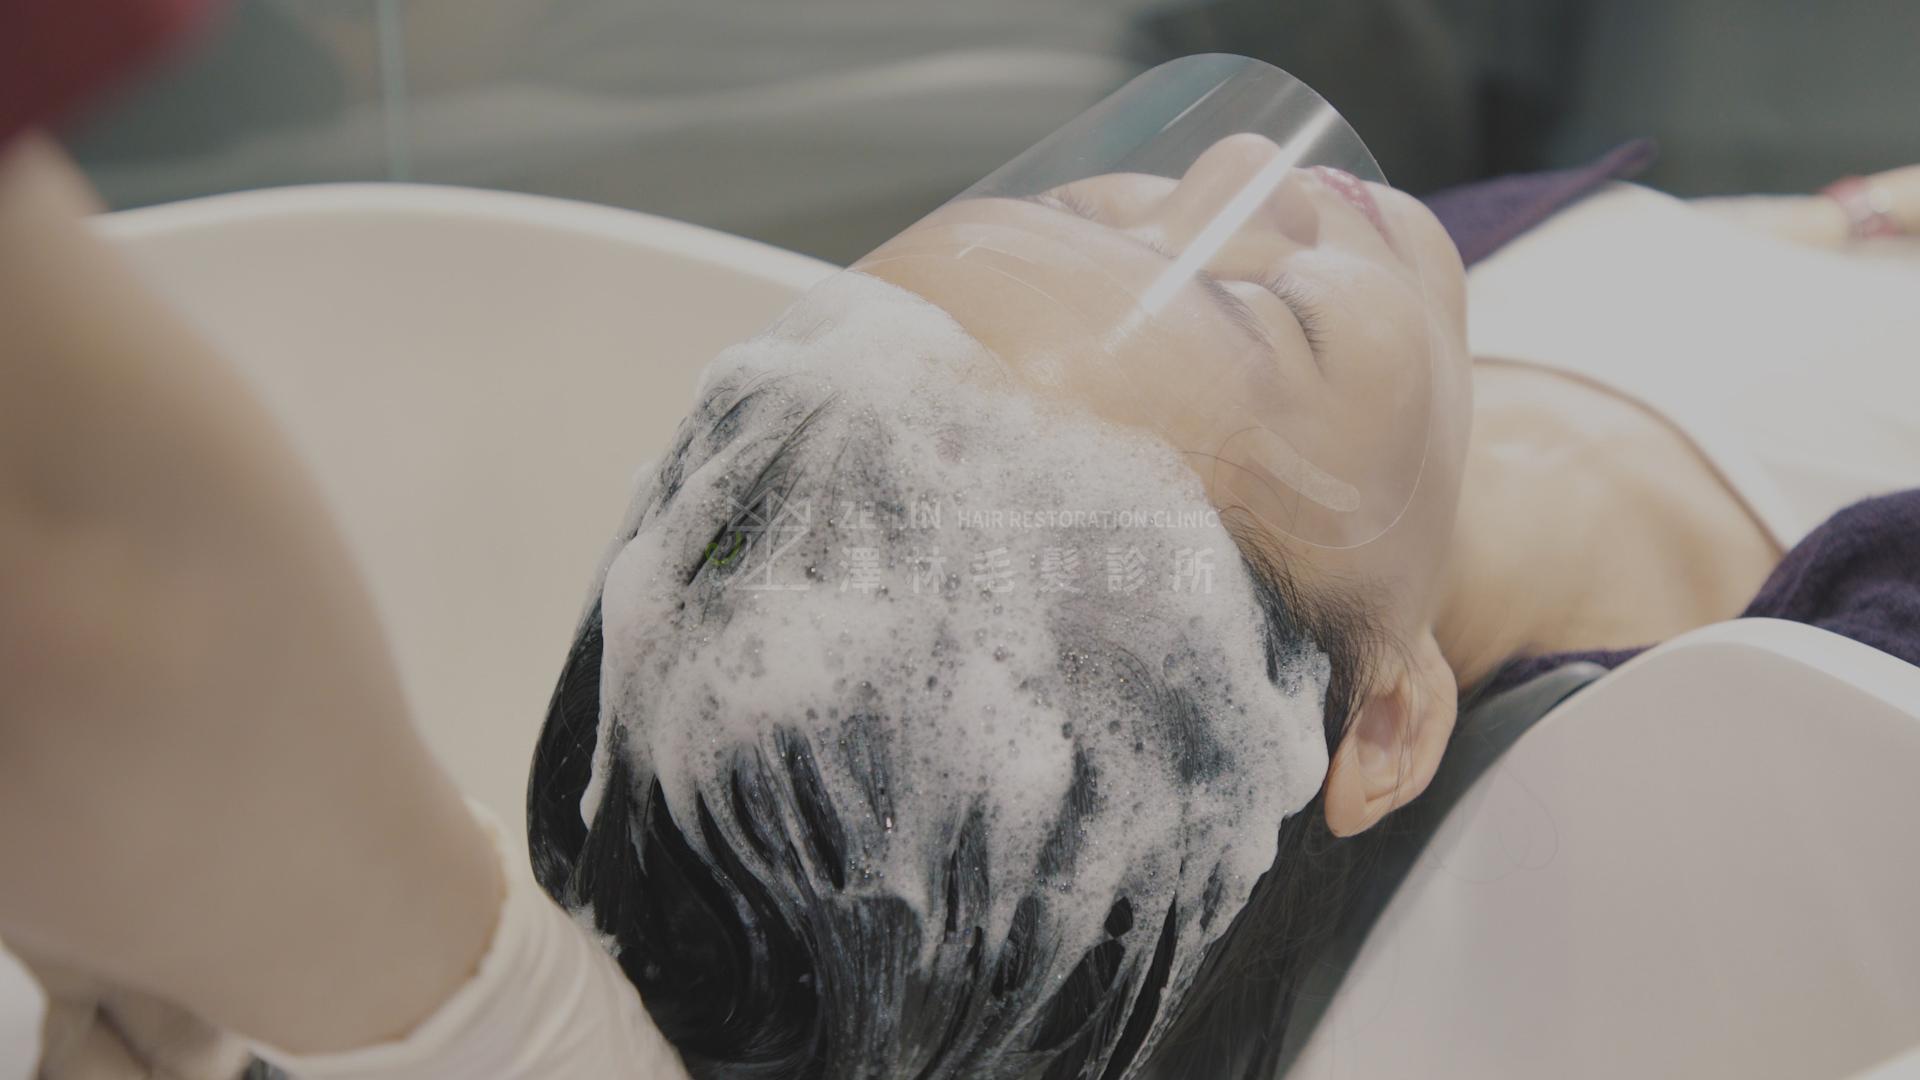 澤林毛髮診所植髮術後洗頭護理1